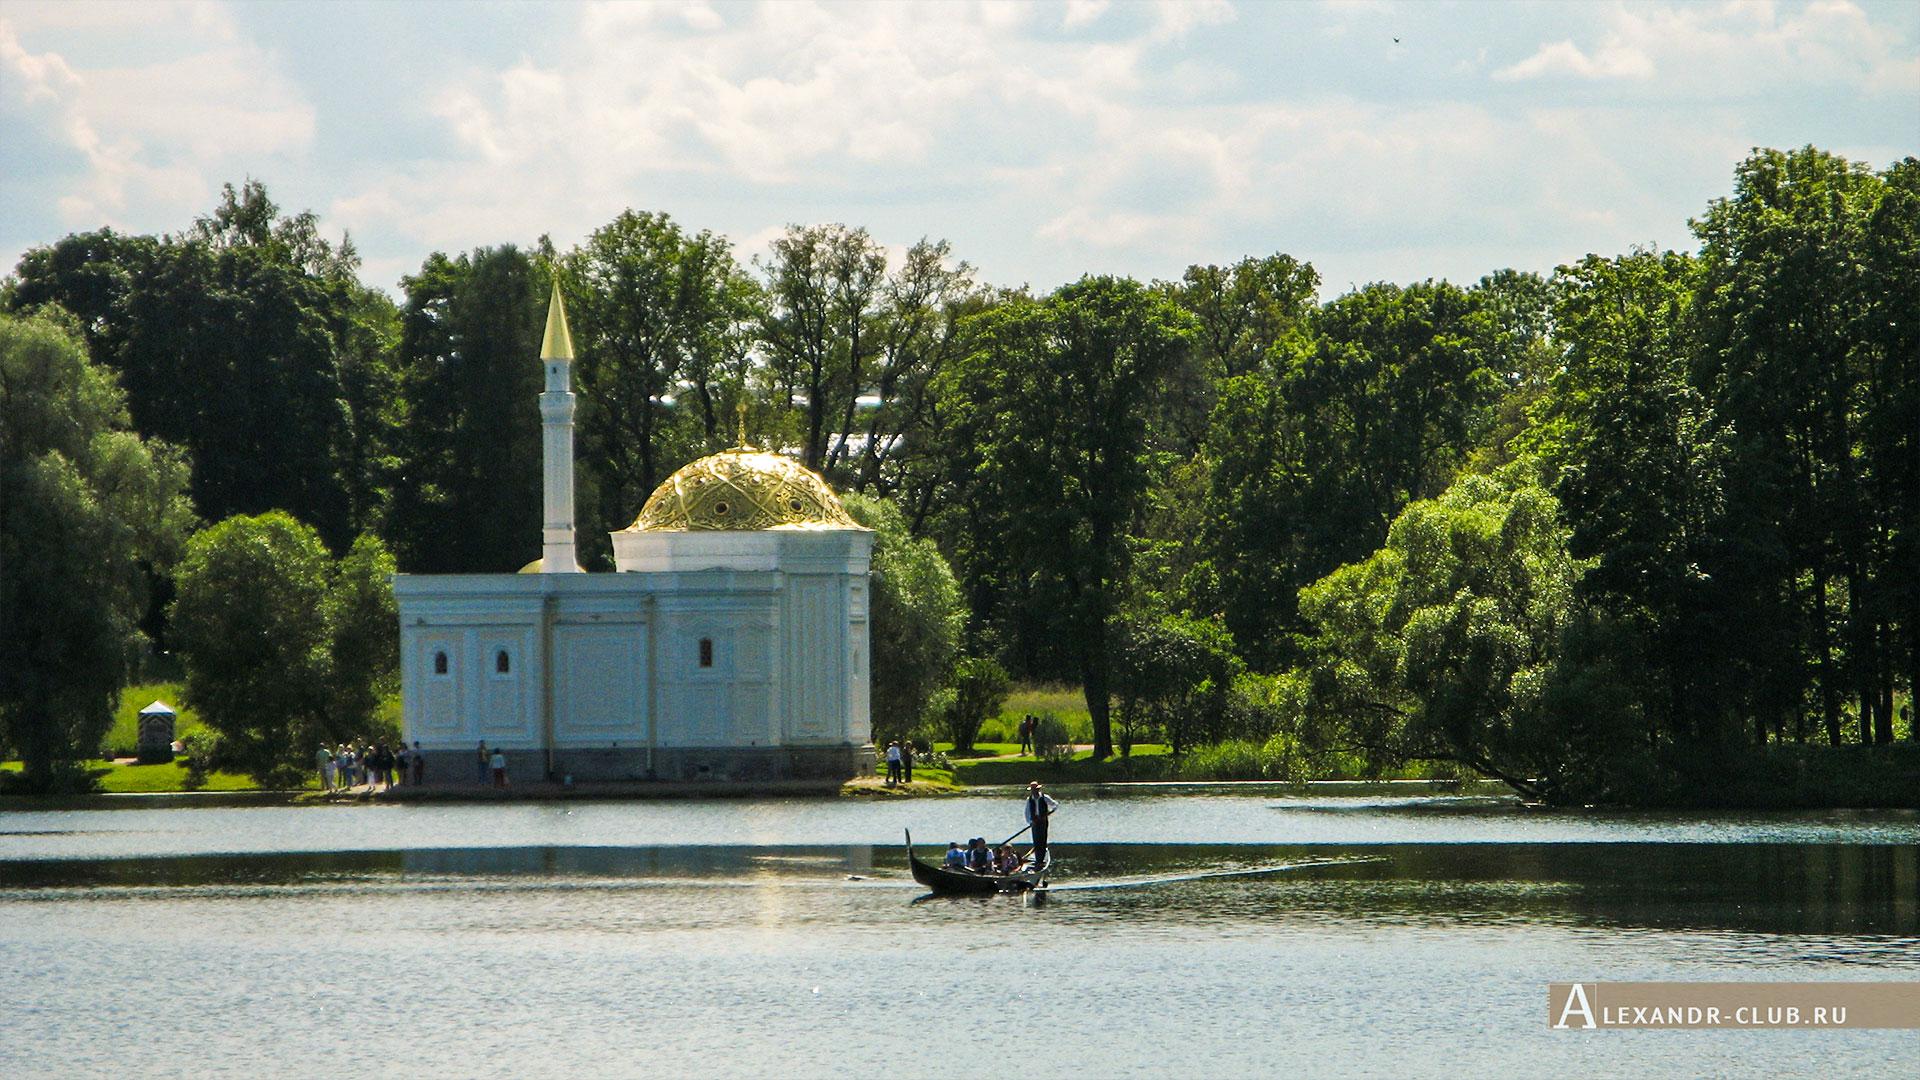 Царское Село, лето, Екатерининский парк, павильон «Турецкая баня»